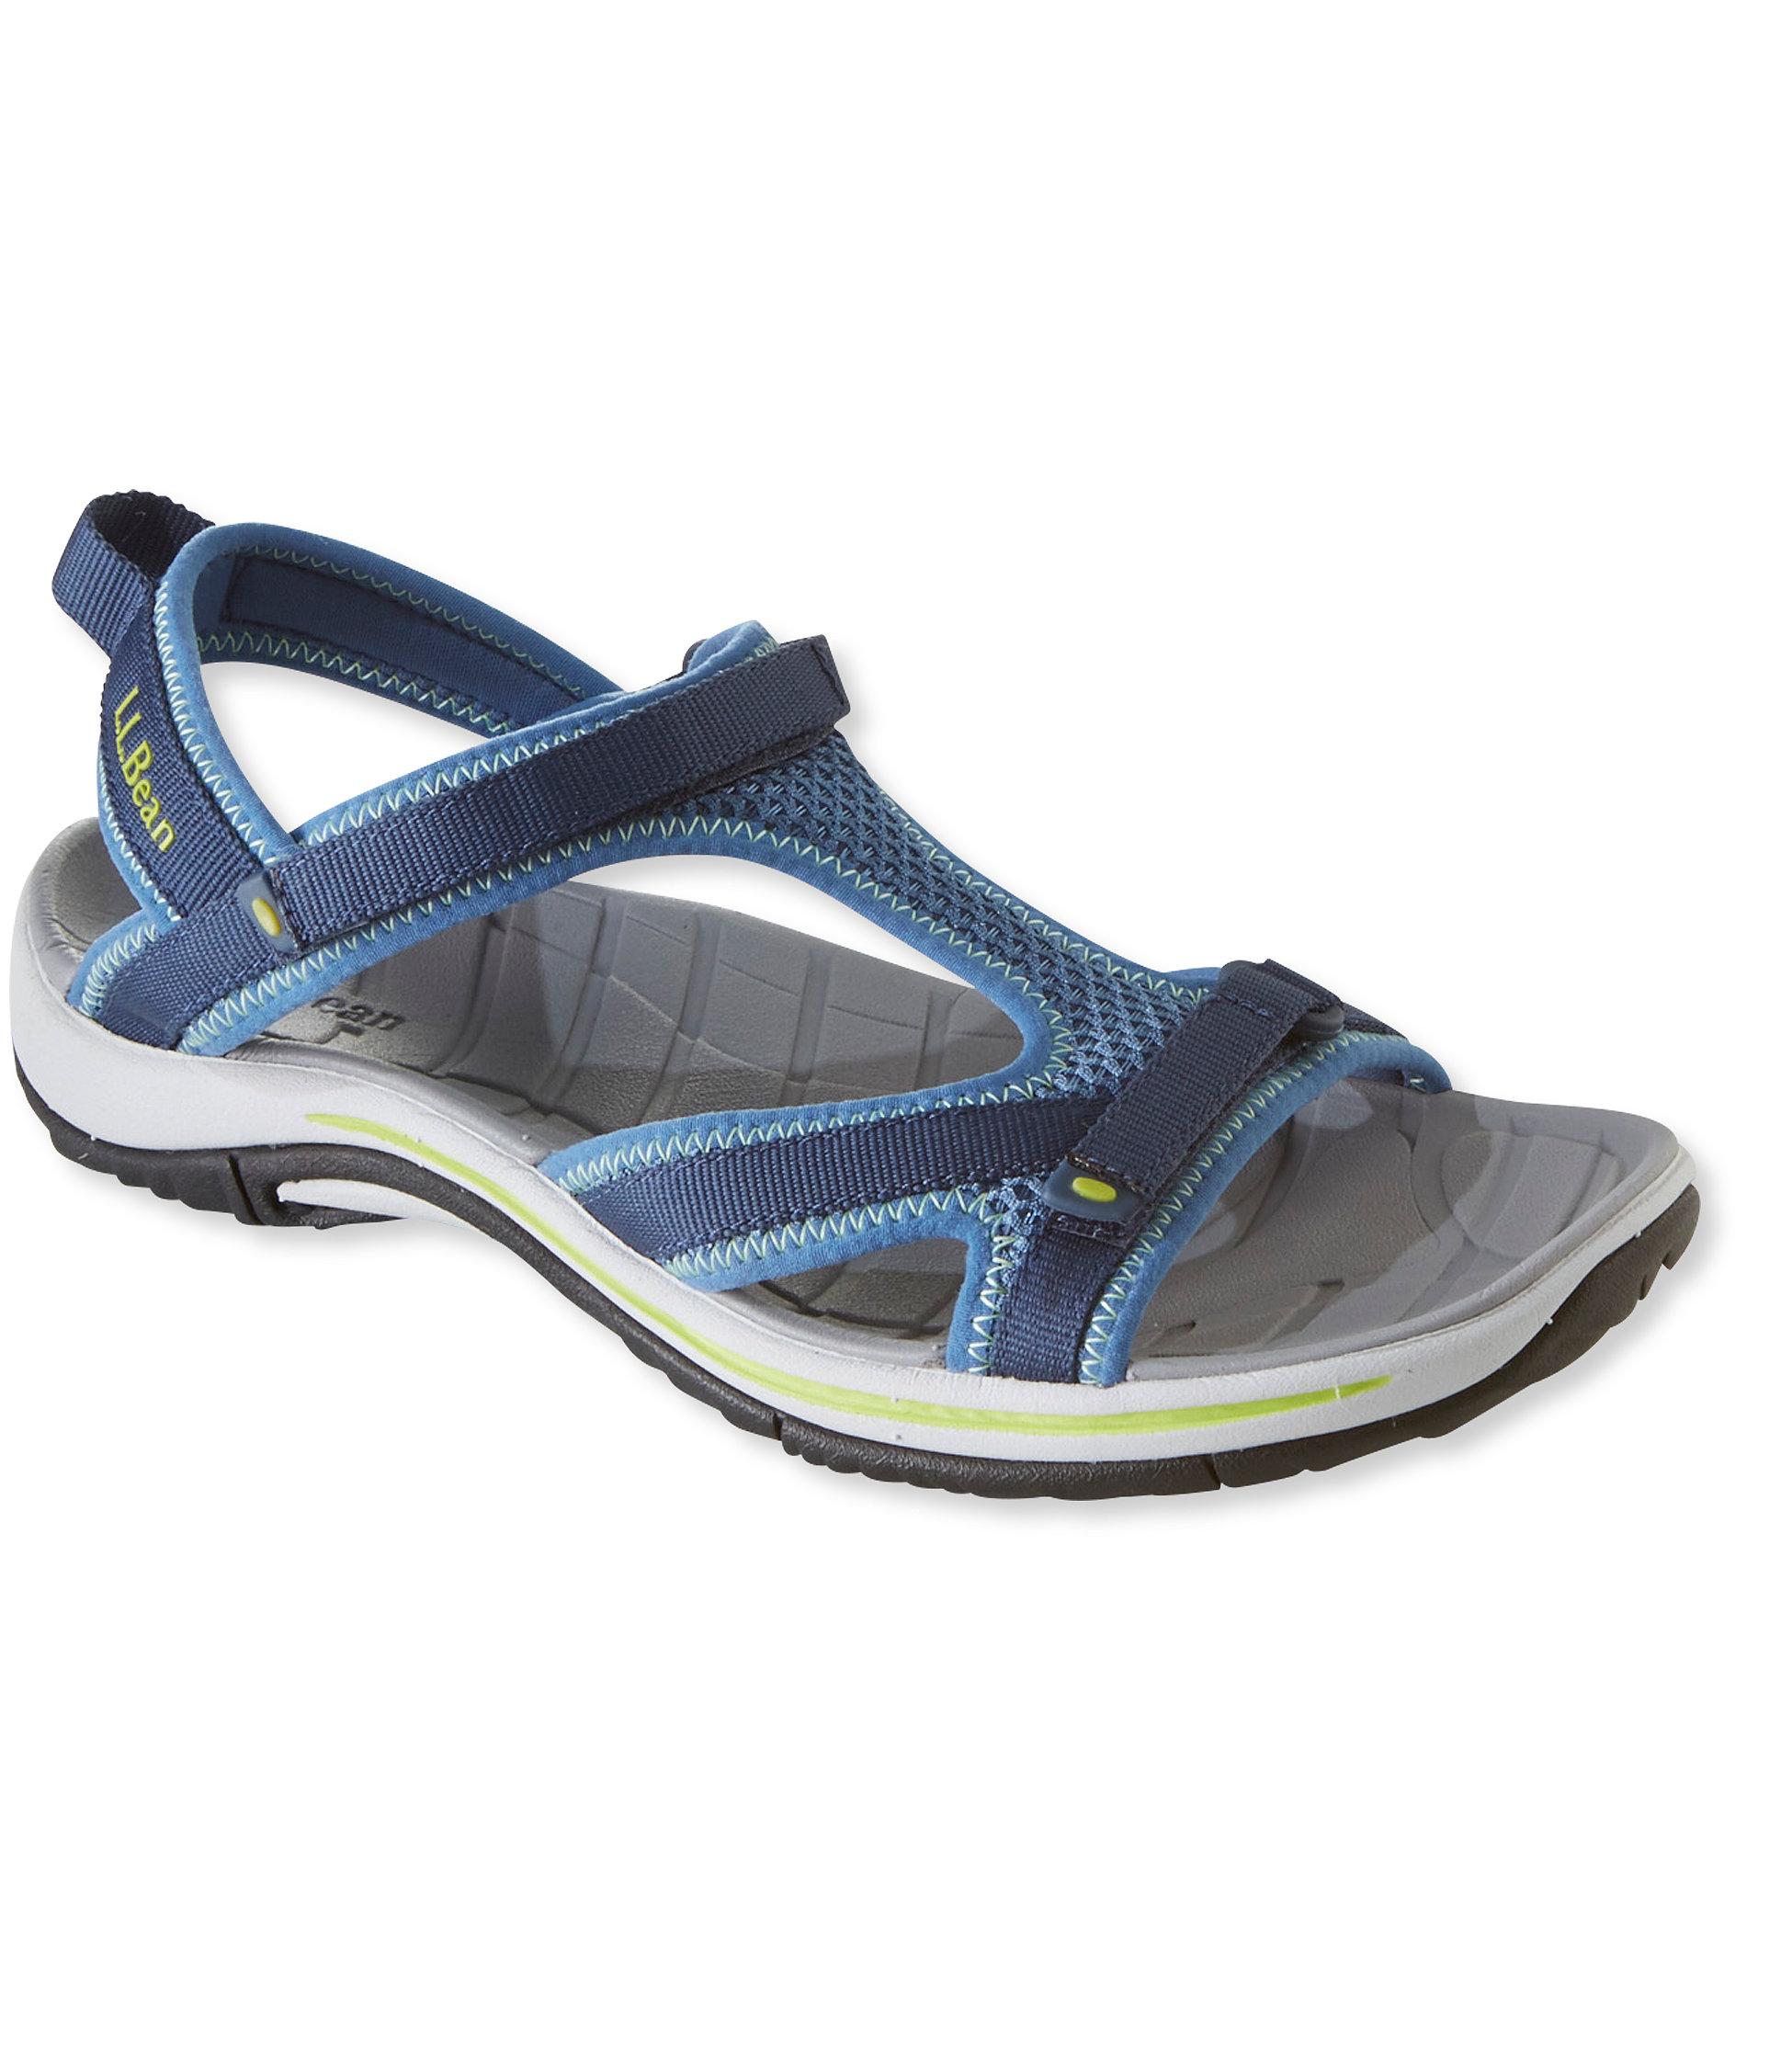 L.L.Bean Discovery Sandals, Stretch